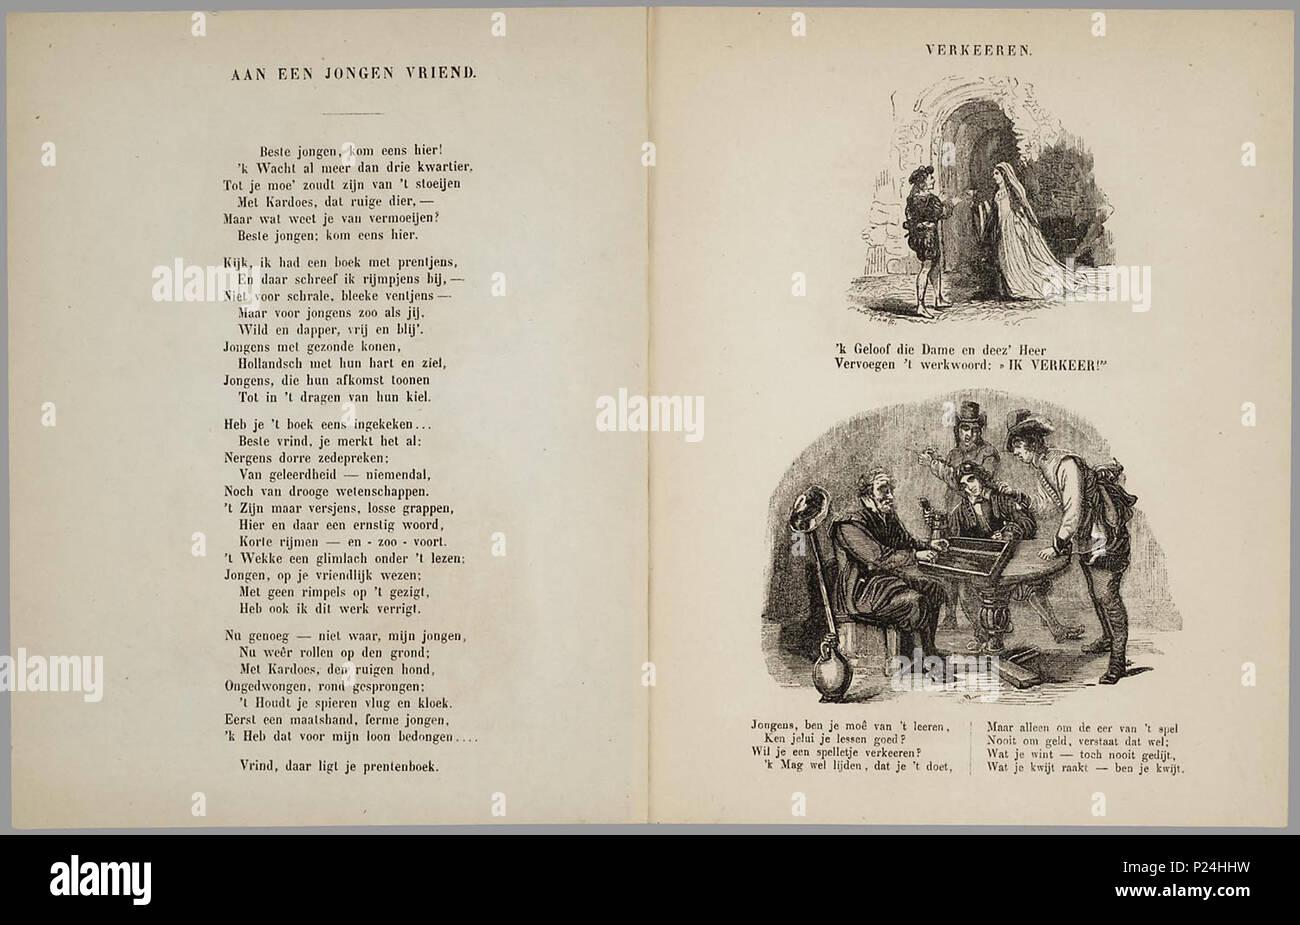 https://c8.alamy.com/comp/P24HHW/sythoffs-prentenboek-de-boekenkast-verzameling-afbeeldingen-soms-per-twee-door-middel-van-rijmende-tekst-aan-elkaar-gepraat-meestal-met-weinig-samenhang-op-dun-papier-gedrukt-vermoedelijk-is-dit-een-overdruk-uit-een-tijdschrift-onderwerpen-onder-andere-dieren-kooplui-verkeren-bier-drinken-vaarwel-preekstoel-en-graf-morgen-nacht-allerlei-thuis-achter-de-schermen-wonderen-liefde-en-wijn-ziekte-slavernij-in-de-oost-een-turk-pruiken-brandblusser-machines-bevat-ook-enkele-gedichten-aan-een-jongen-vriend-christus-lente-op-de-voorkant-een-sierrand-met-ornamenten-P24HHW.jpg